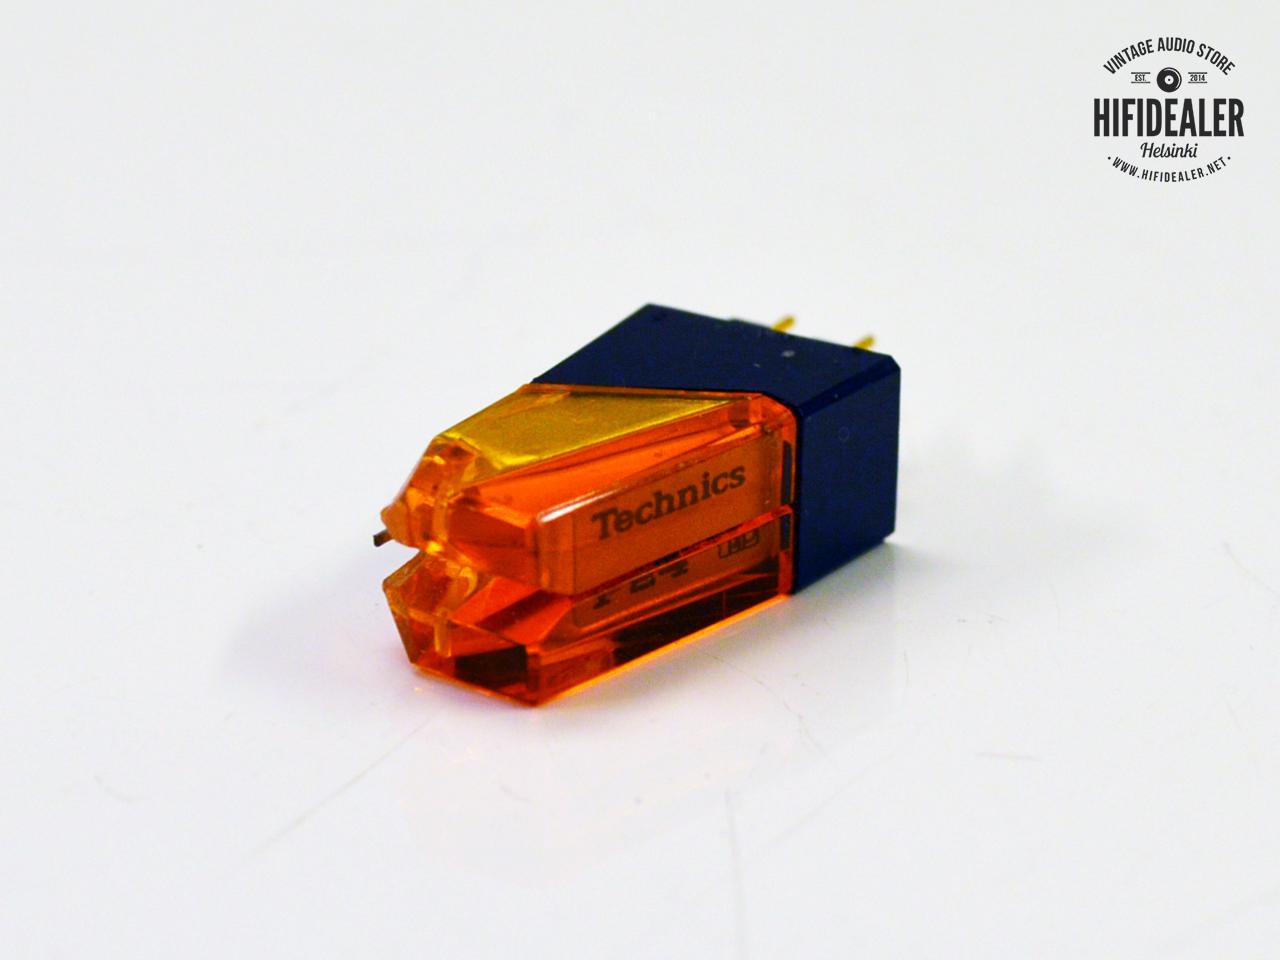 technics_p24